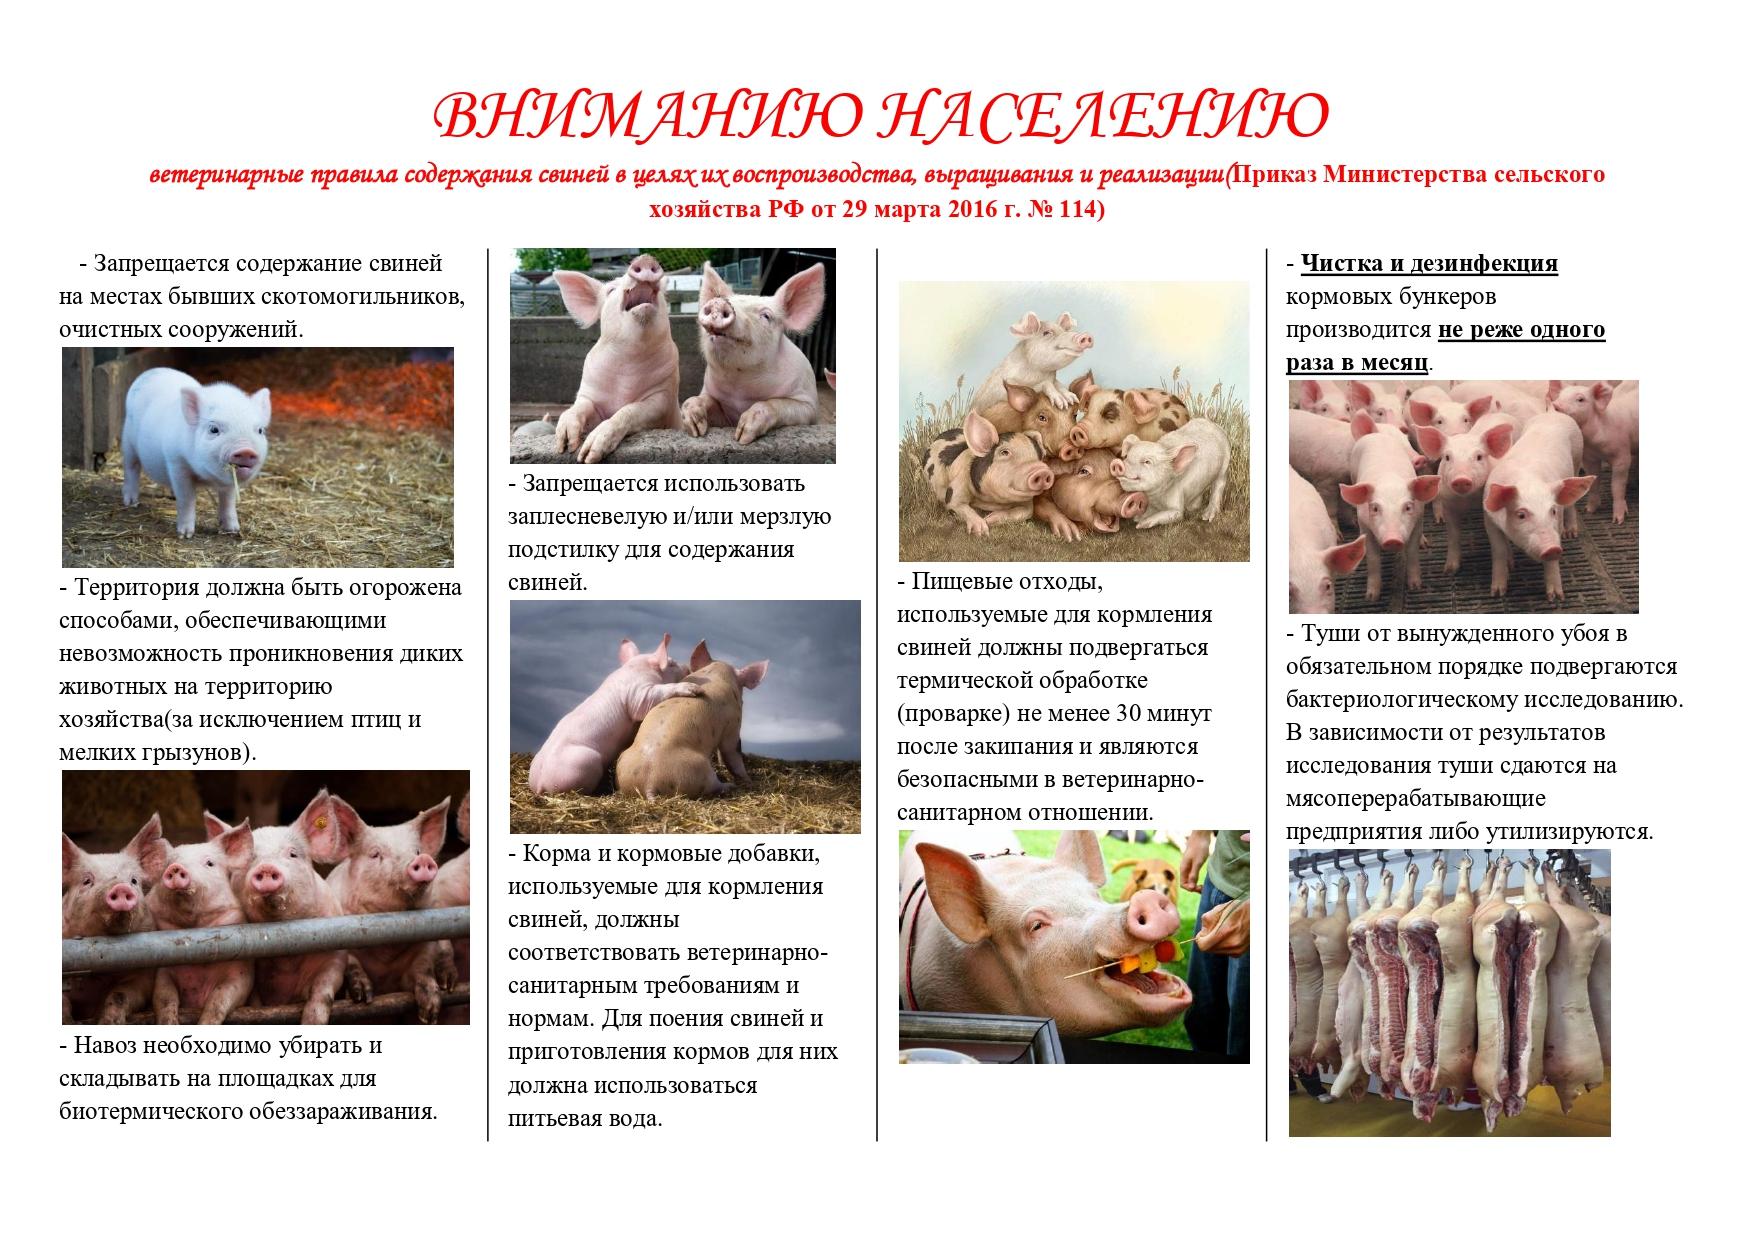 Особенности разведения свиней в домашних условиях